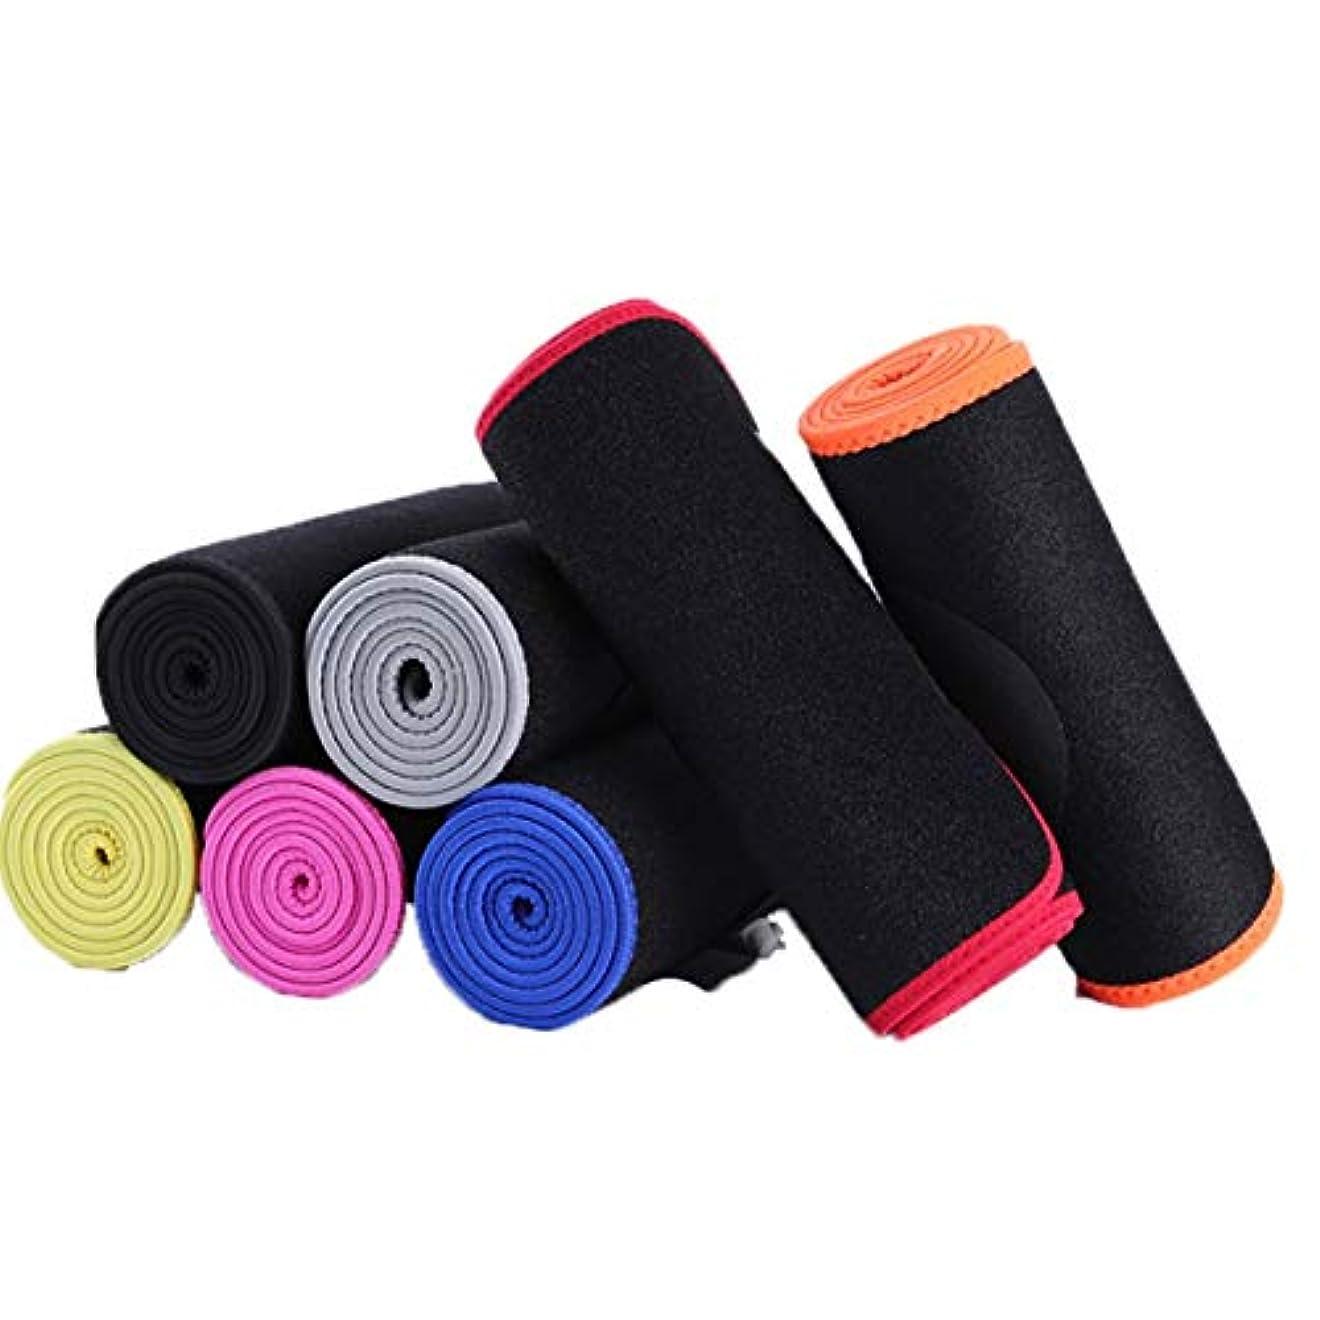 発汗ベルトスポーツ汗ベルトウエストトレーナーフィットネス腹部トレーニング腹筋腹部汗バンドボディ(ブラック&ブルー)